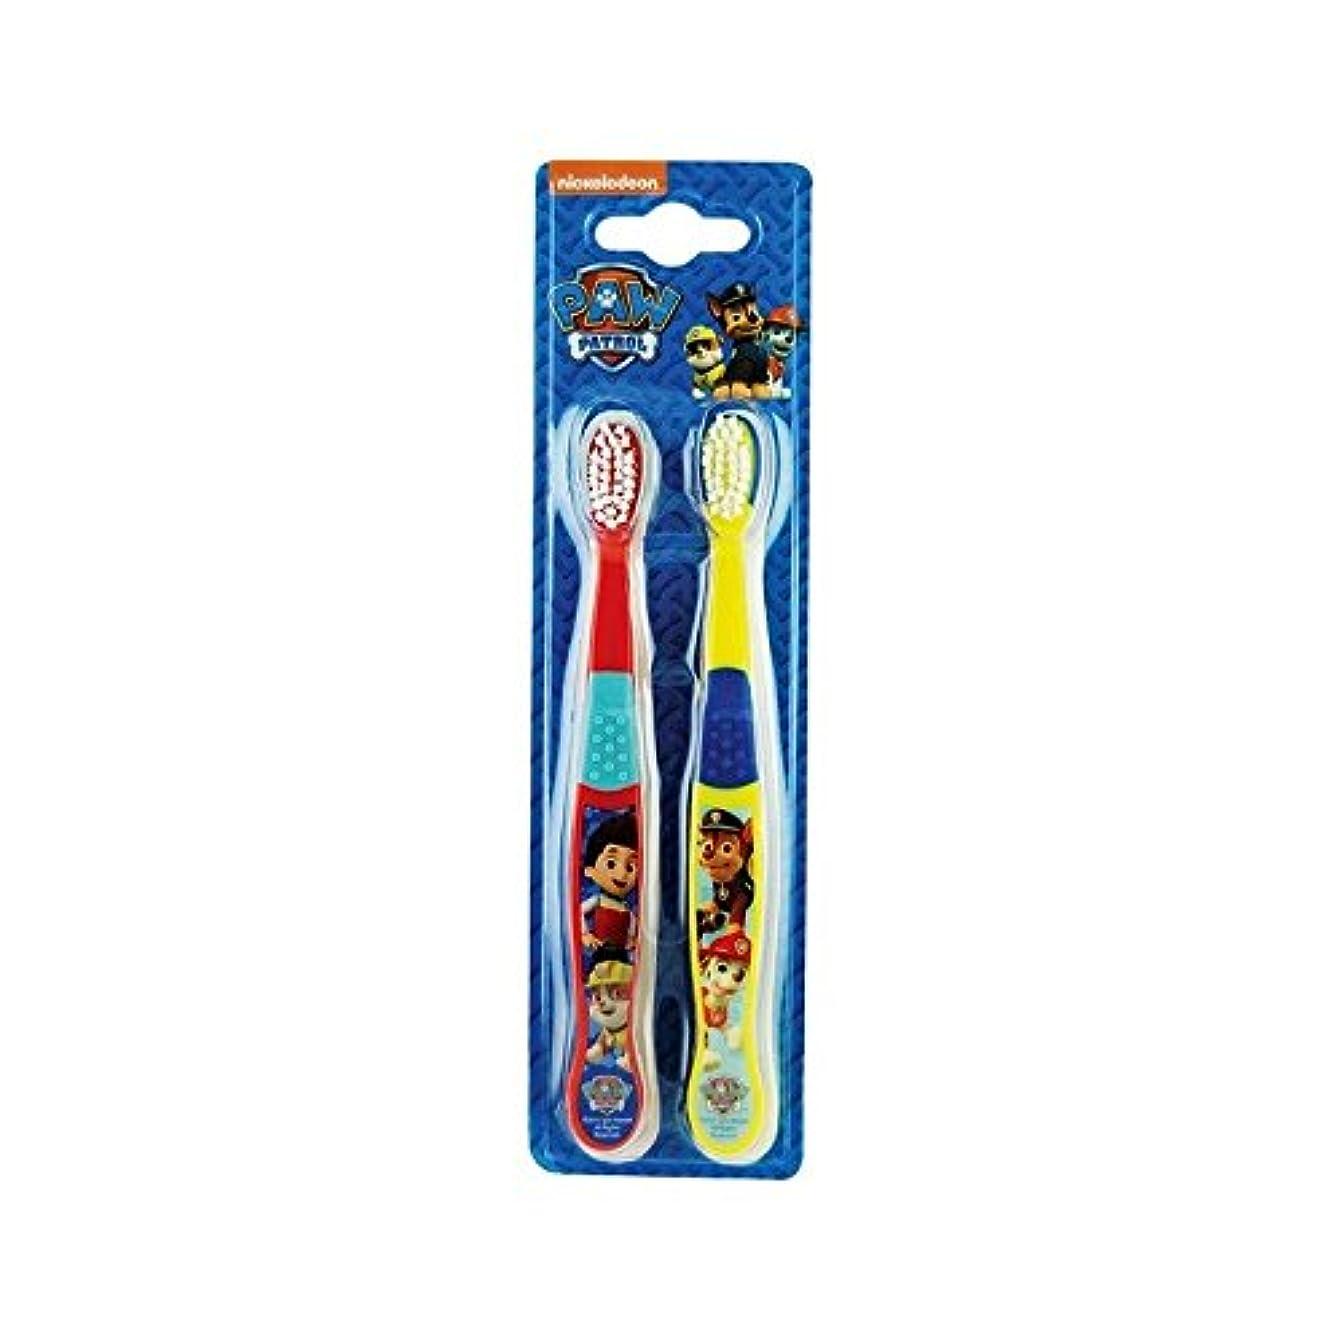 天気威するダイバー1パックツイン歯ブラシ2 (Paw Patrol) - Paw Patrol Twin Toothbrush 2 per pack [並行輸入品]